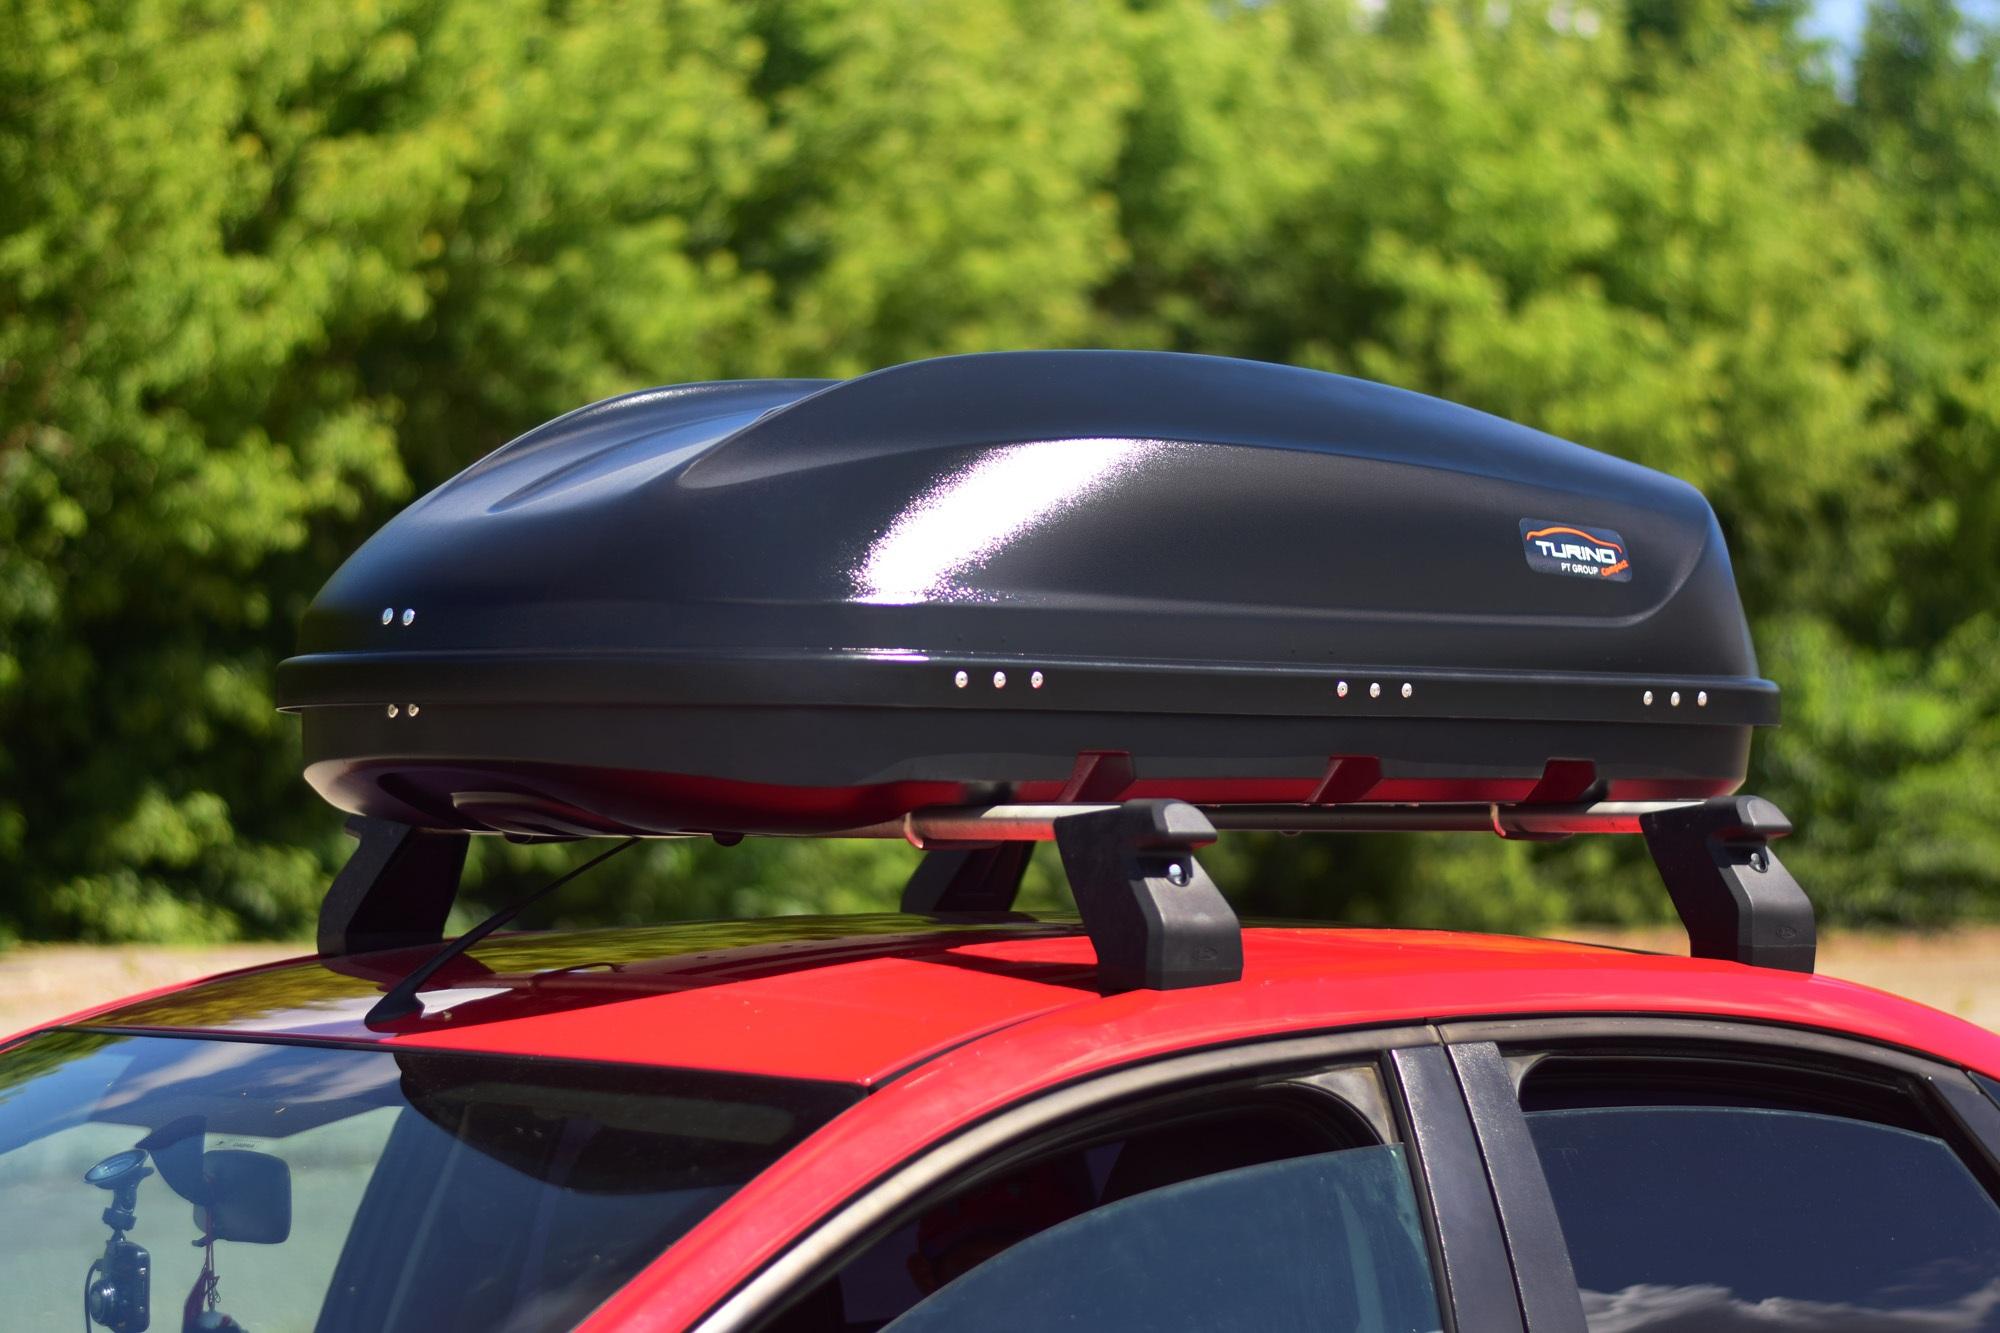 аэродинамический багажник на крышу автомобиля